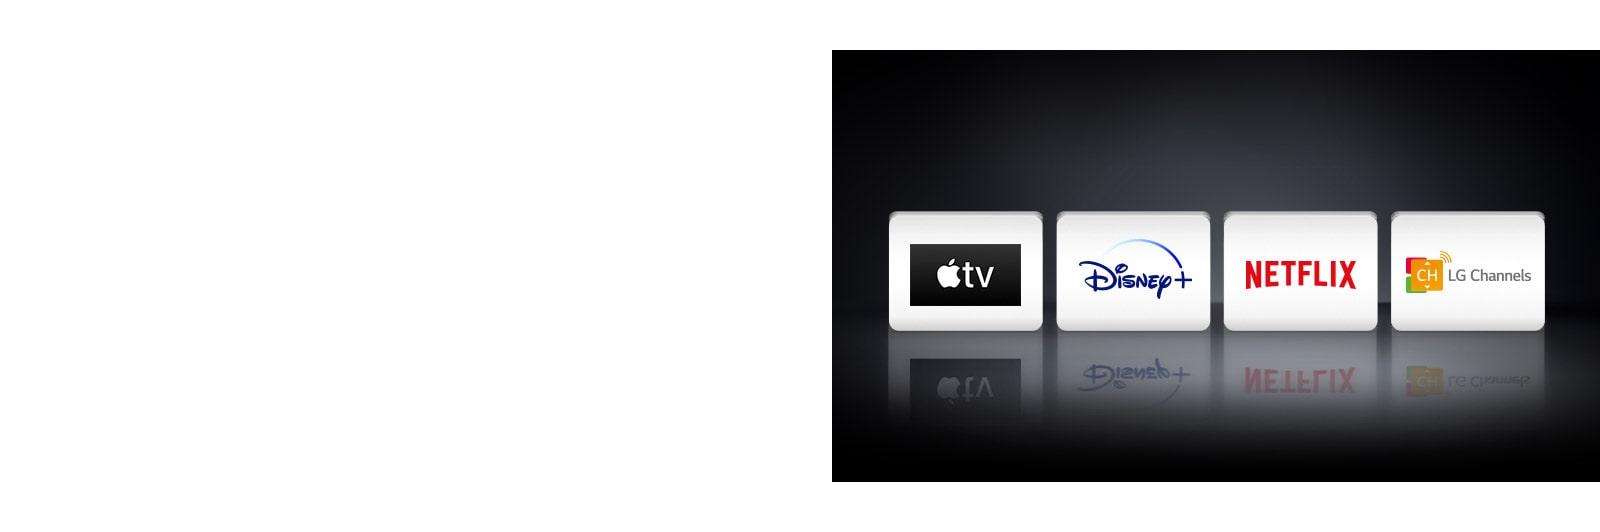 Cuatro logotipos: Apple TV, Disney+, Netflix y LG Channels